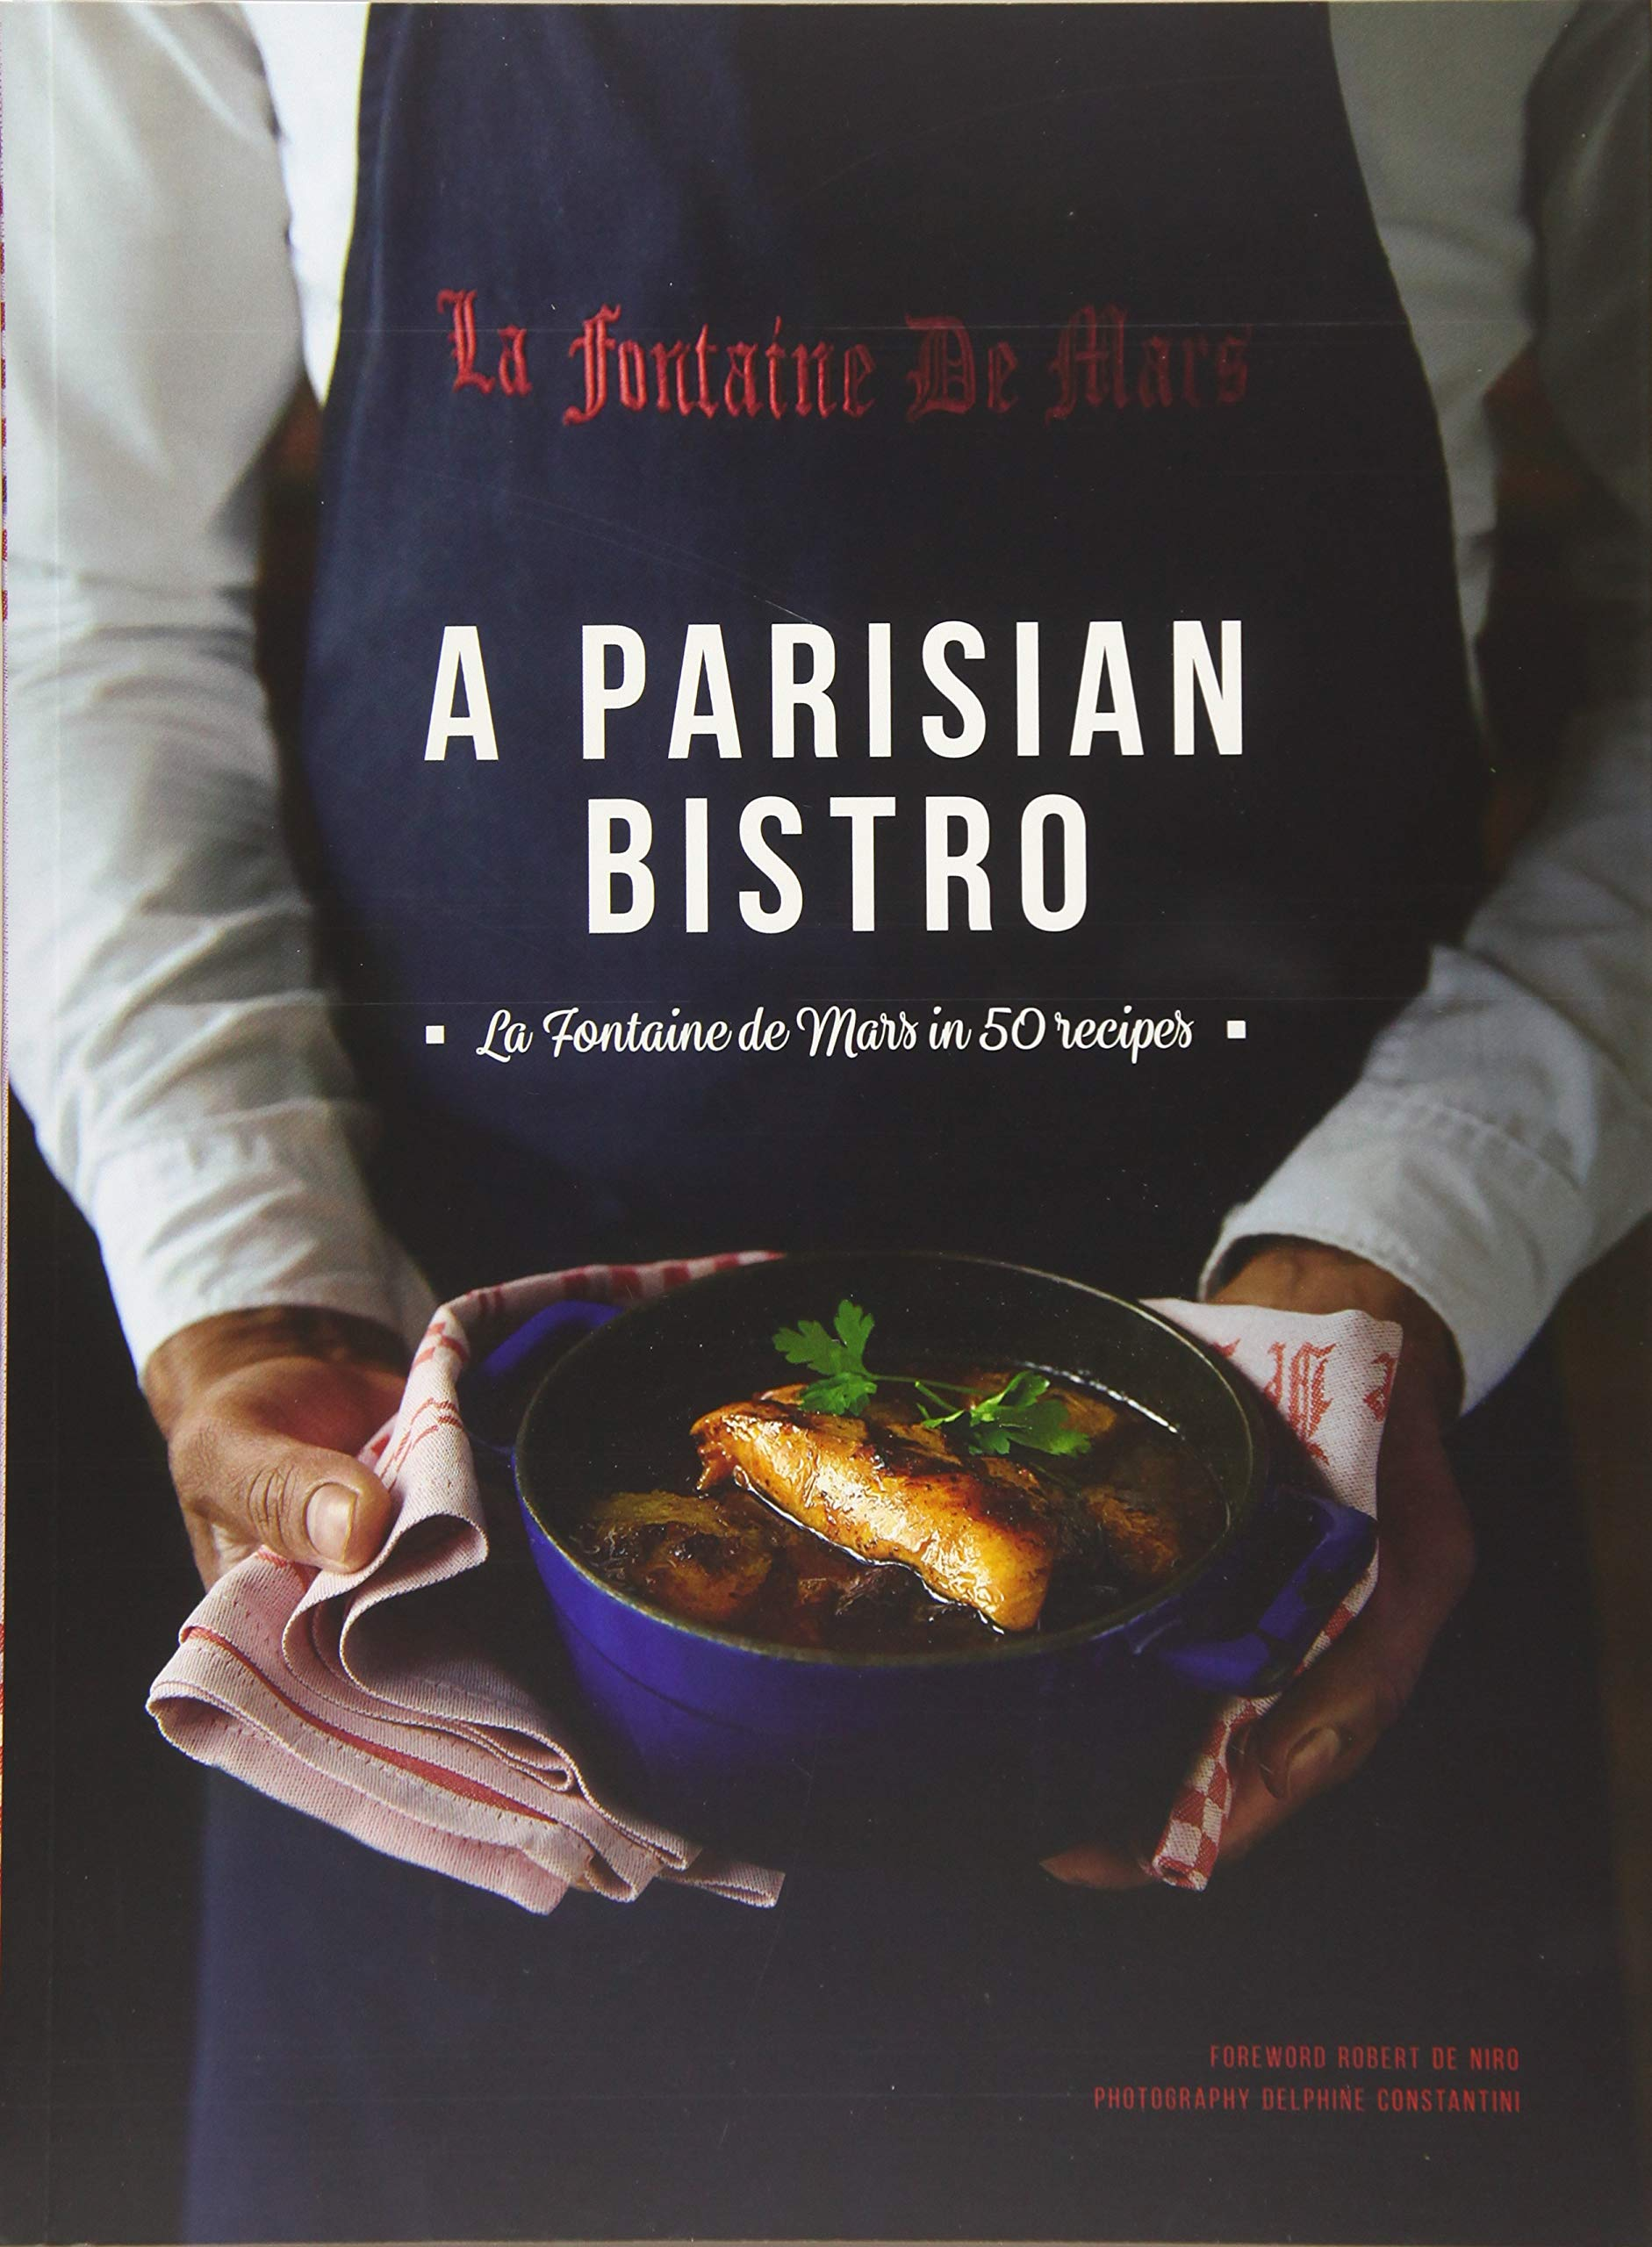 Fontaine de Mars cookbook